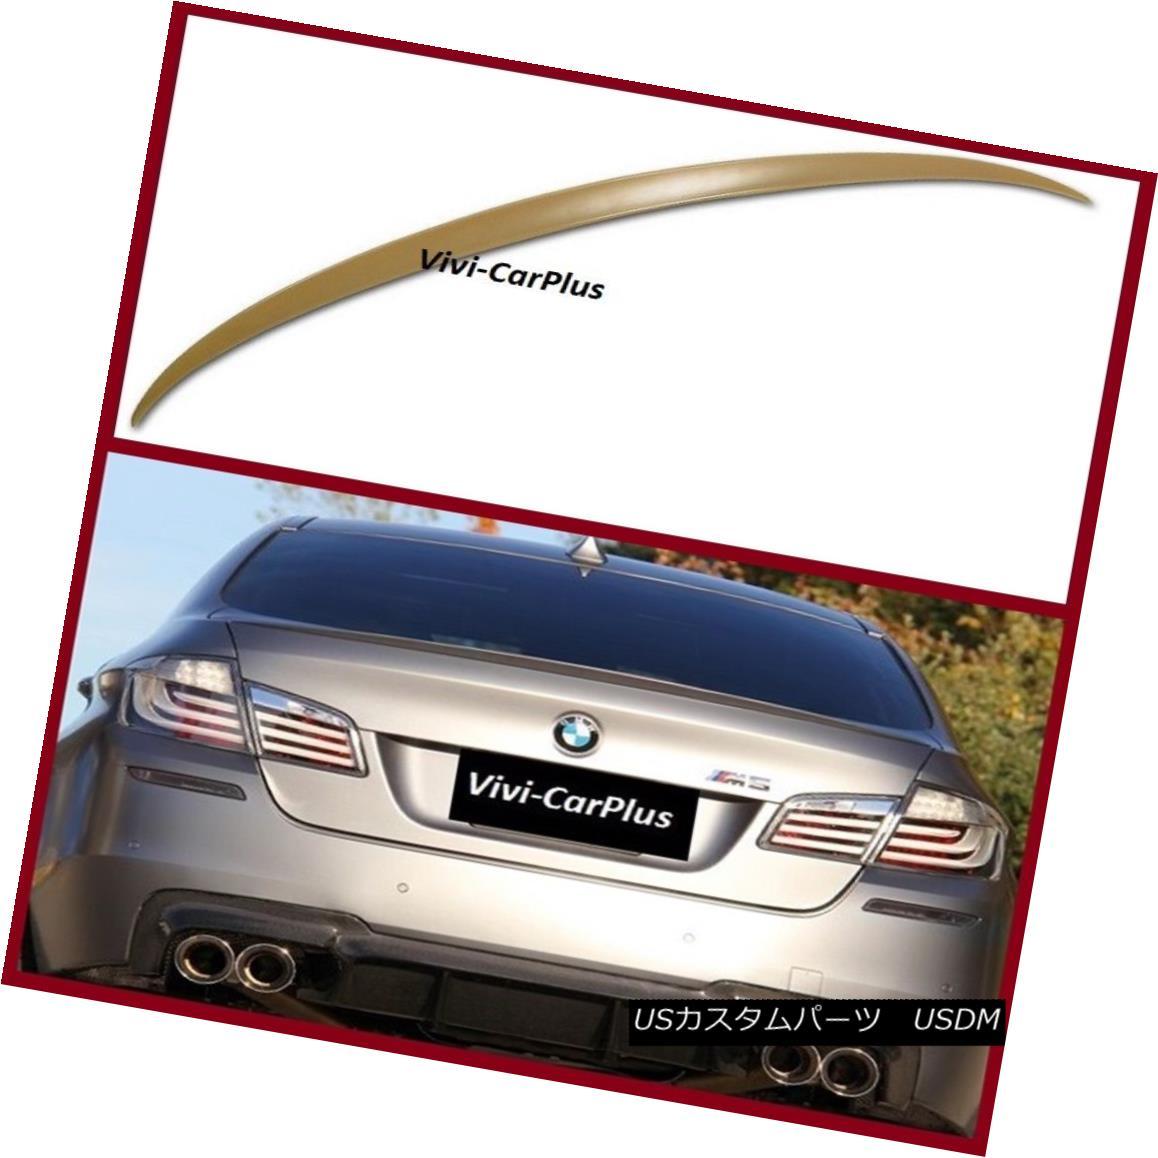 エアロパーツ UNPAINTED 11-16 BMW F10 5 Series 4Dr M5 520i 528i 535i M5 Type Trunk Spoiler Lip UNPAINTED 11-16 BMW F10 5シリーズ4Dr M5 520i 528i 535i M5タイプトランク・スポイラー・リップ